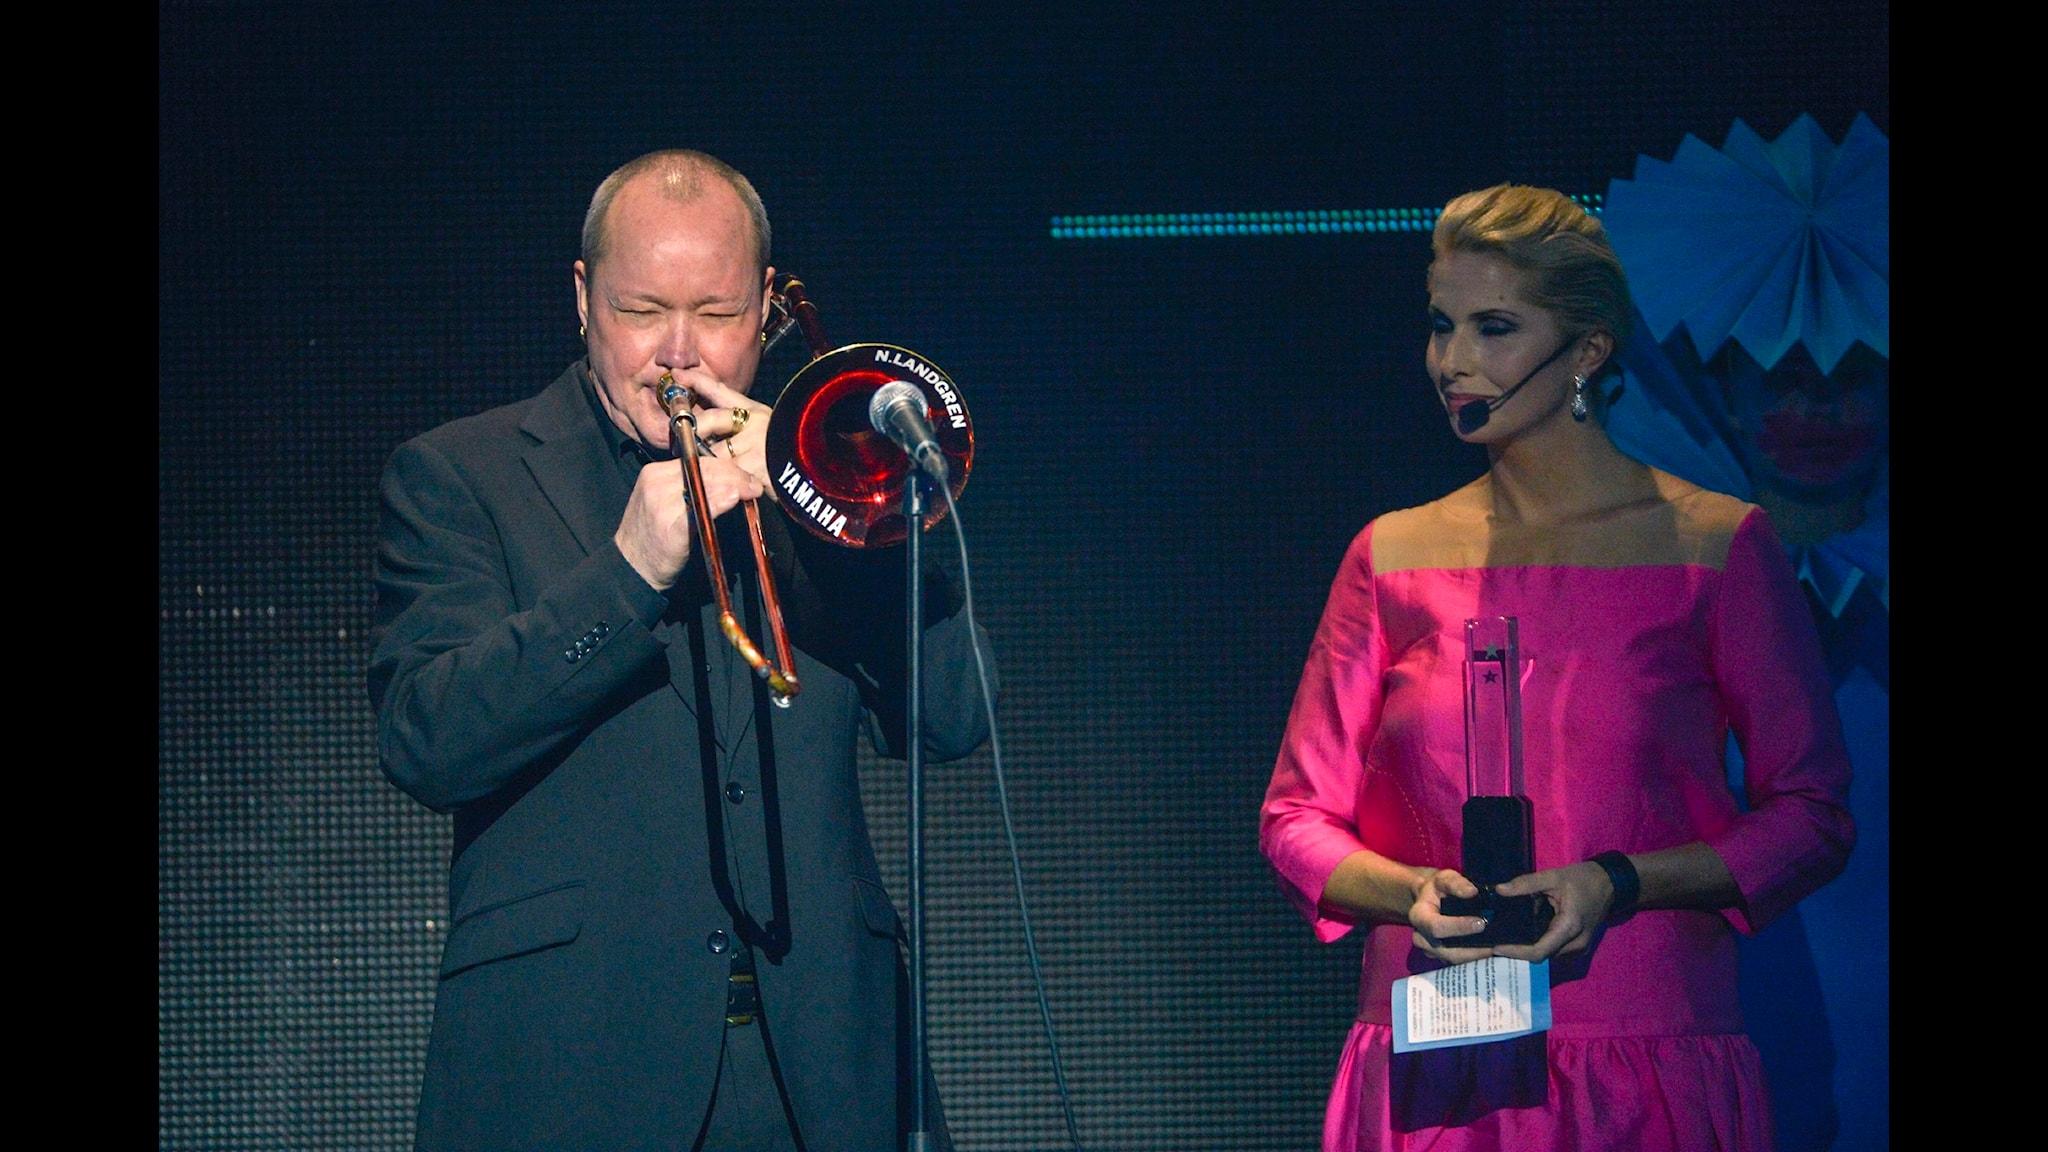 Bohuslän Big Band i konsert med Nils Landgren och Viktoria Tolstoy